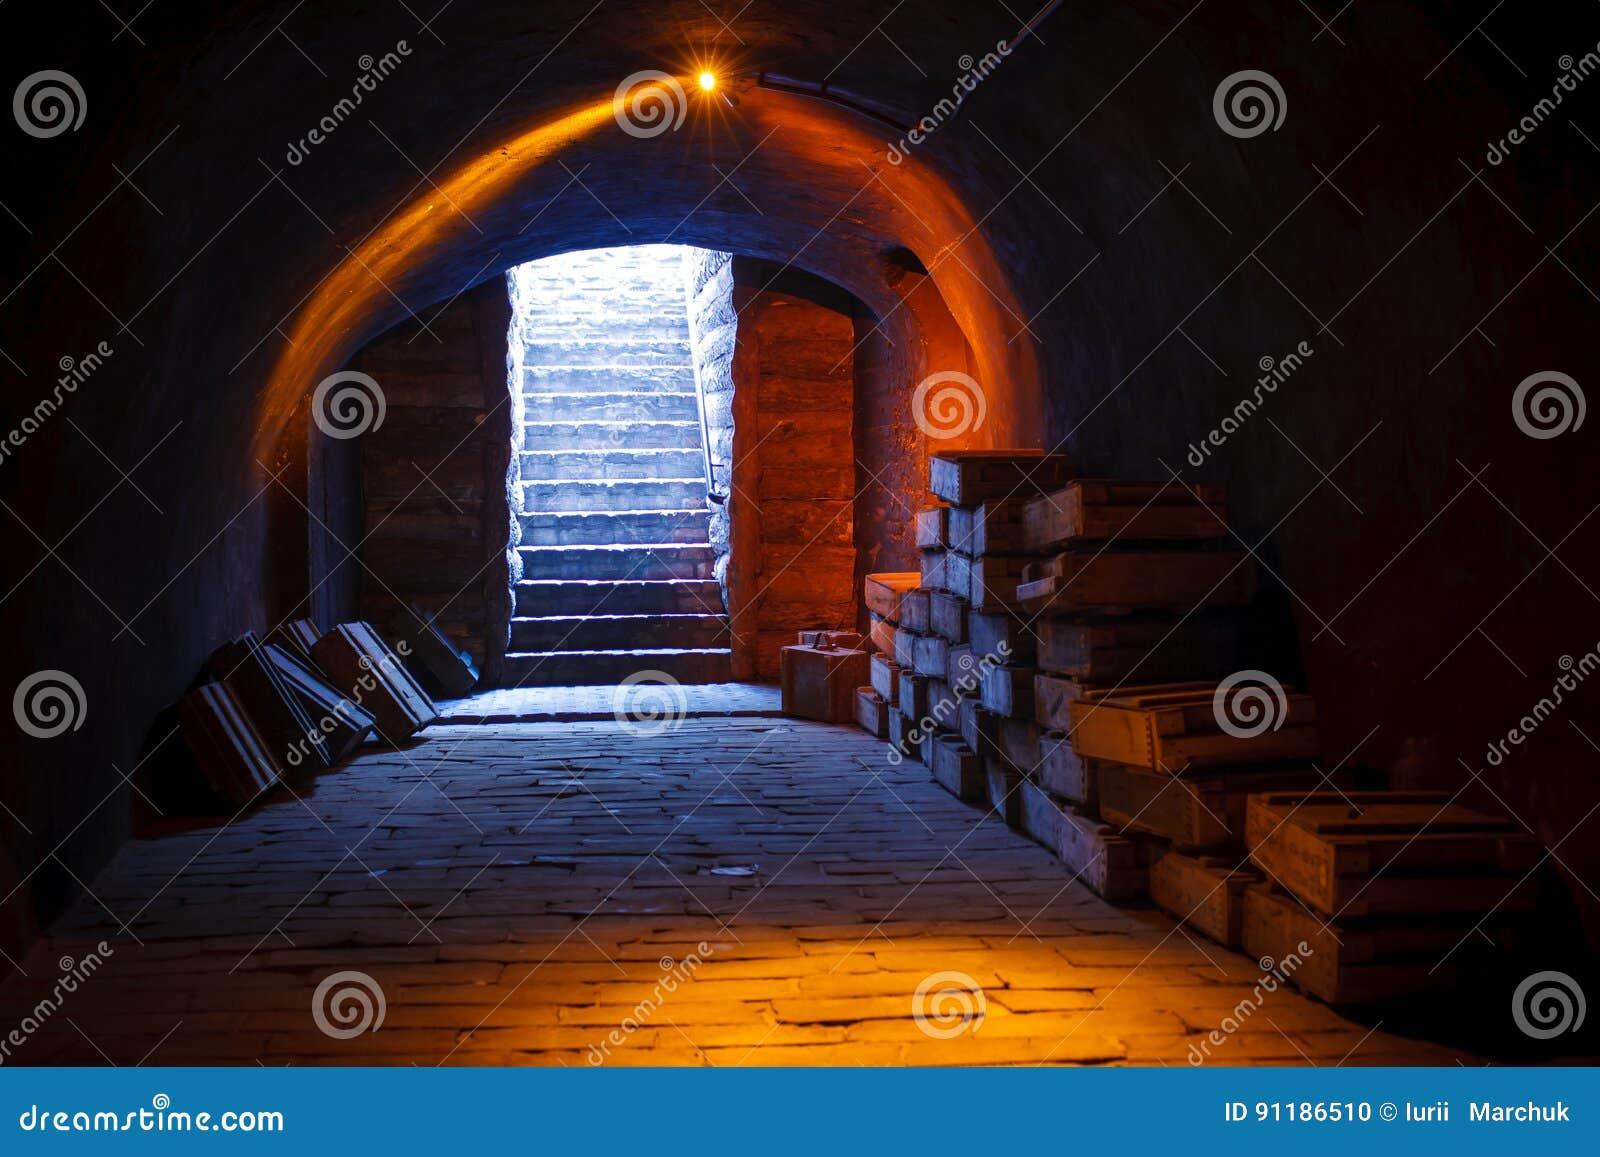 Del sótano imagen militar arriba de un sótano militar con las pilas de cajas militares viejas de la munición y arriba con